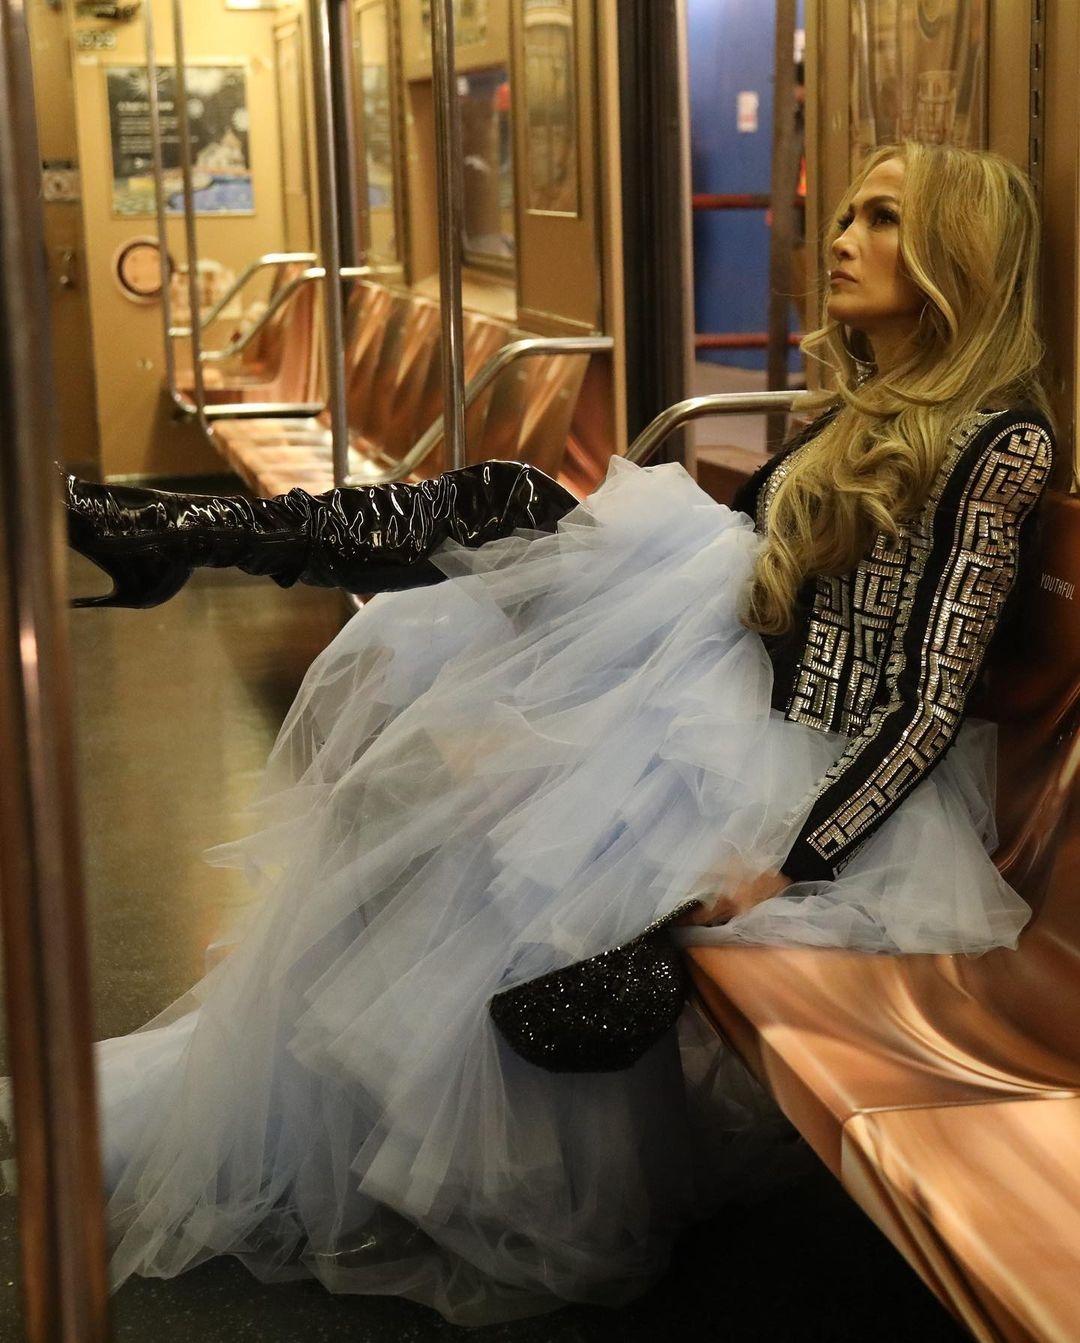 Новогодний образ: Дженнифер Лопес в платье из тюля и виниловых ботфортах (ФОТО) - фото №2